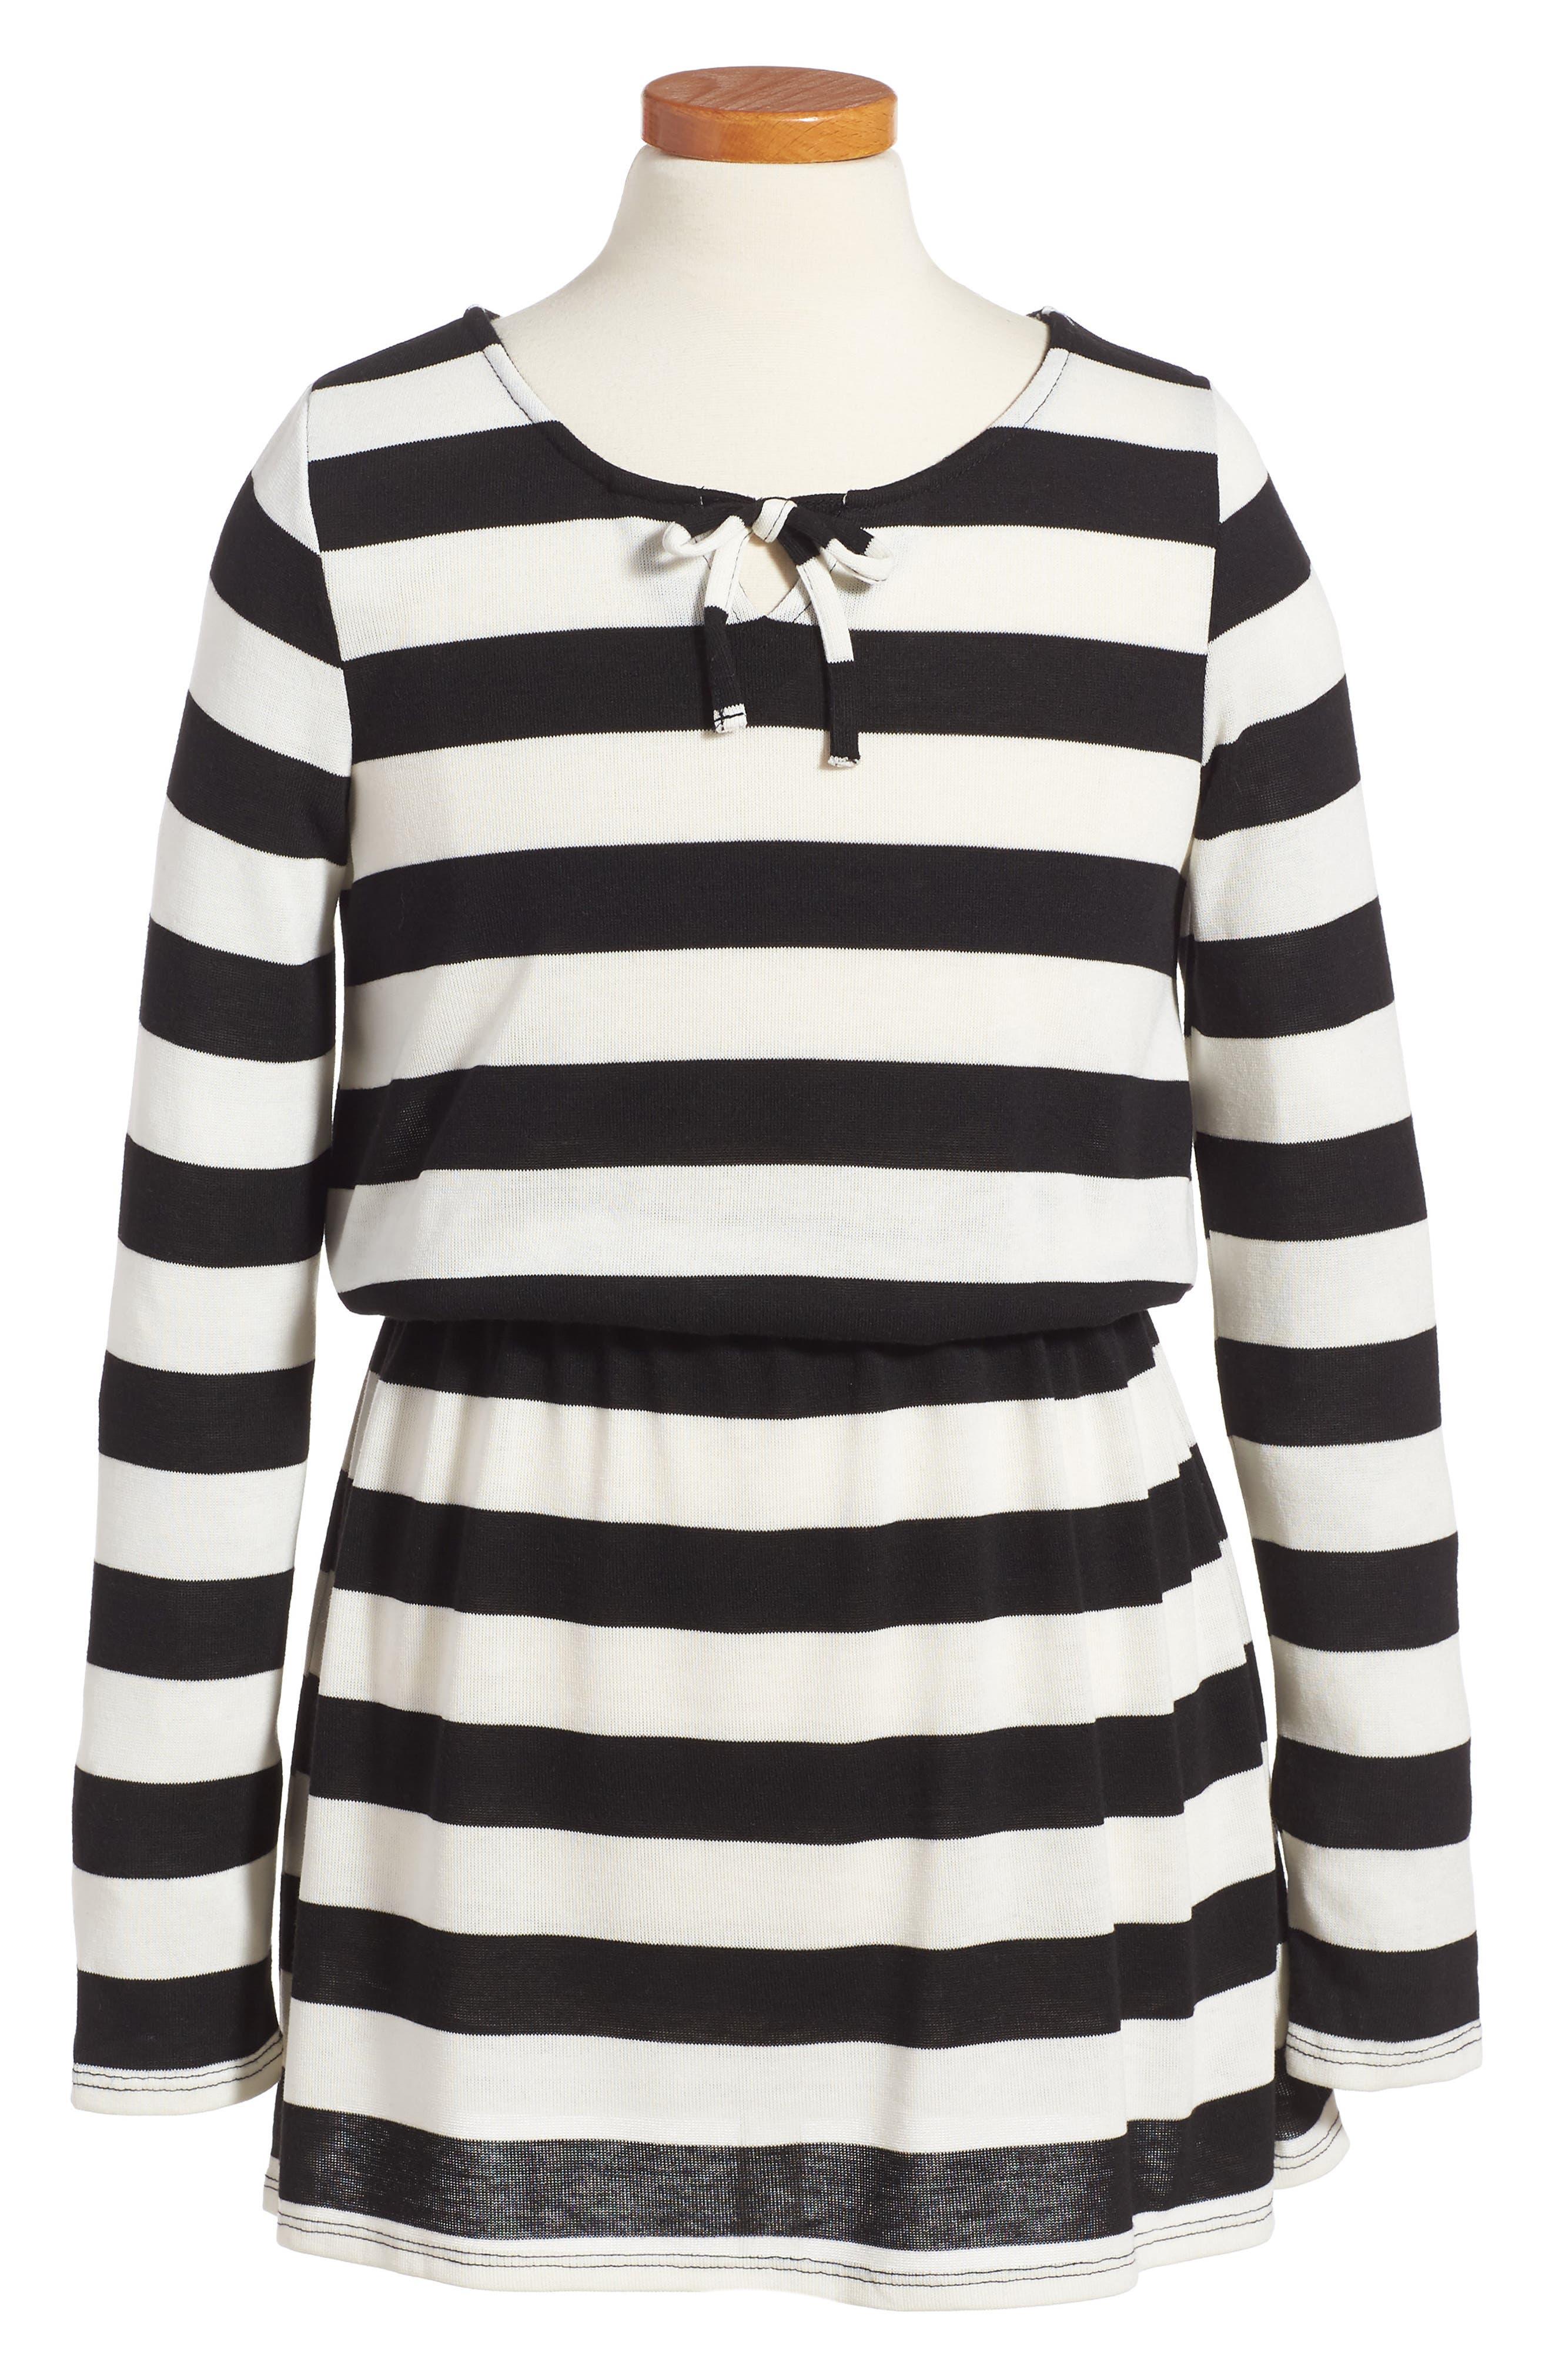 Alternate Image 1 Selected - Splendid Stripe Knit Dress (Toddler Girls & Little Girls)